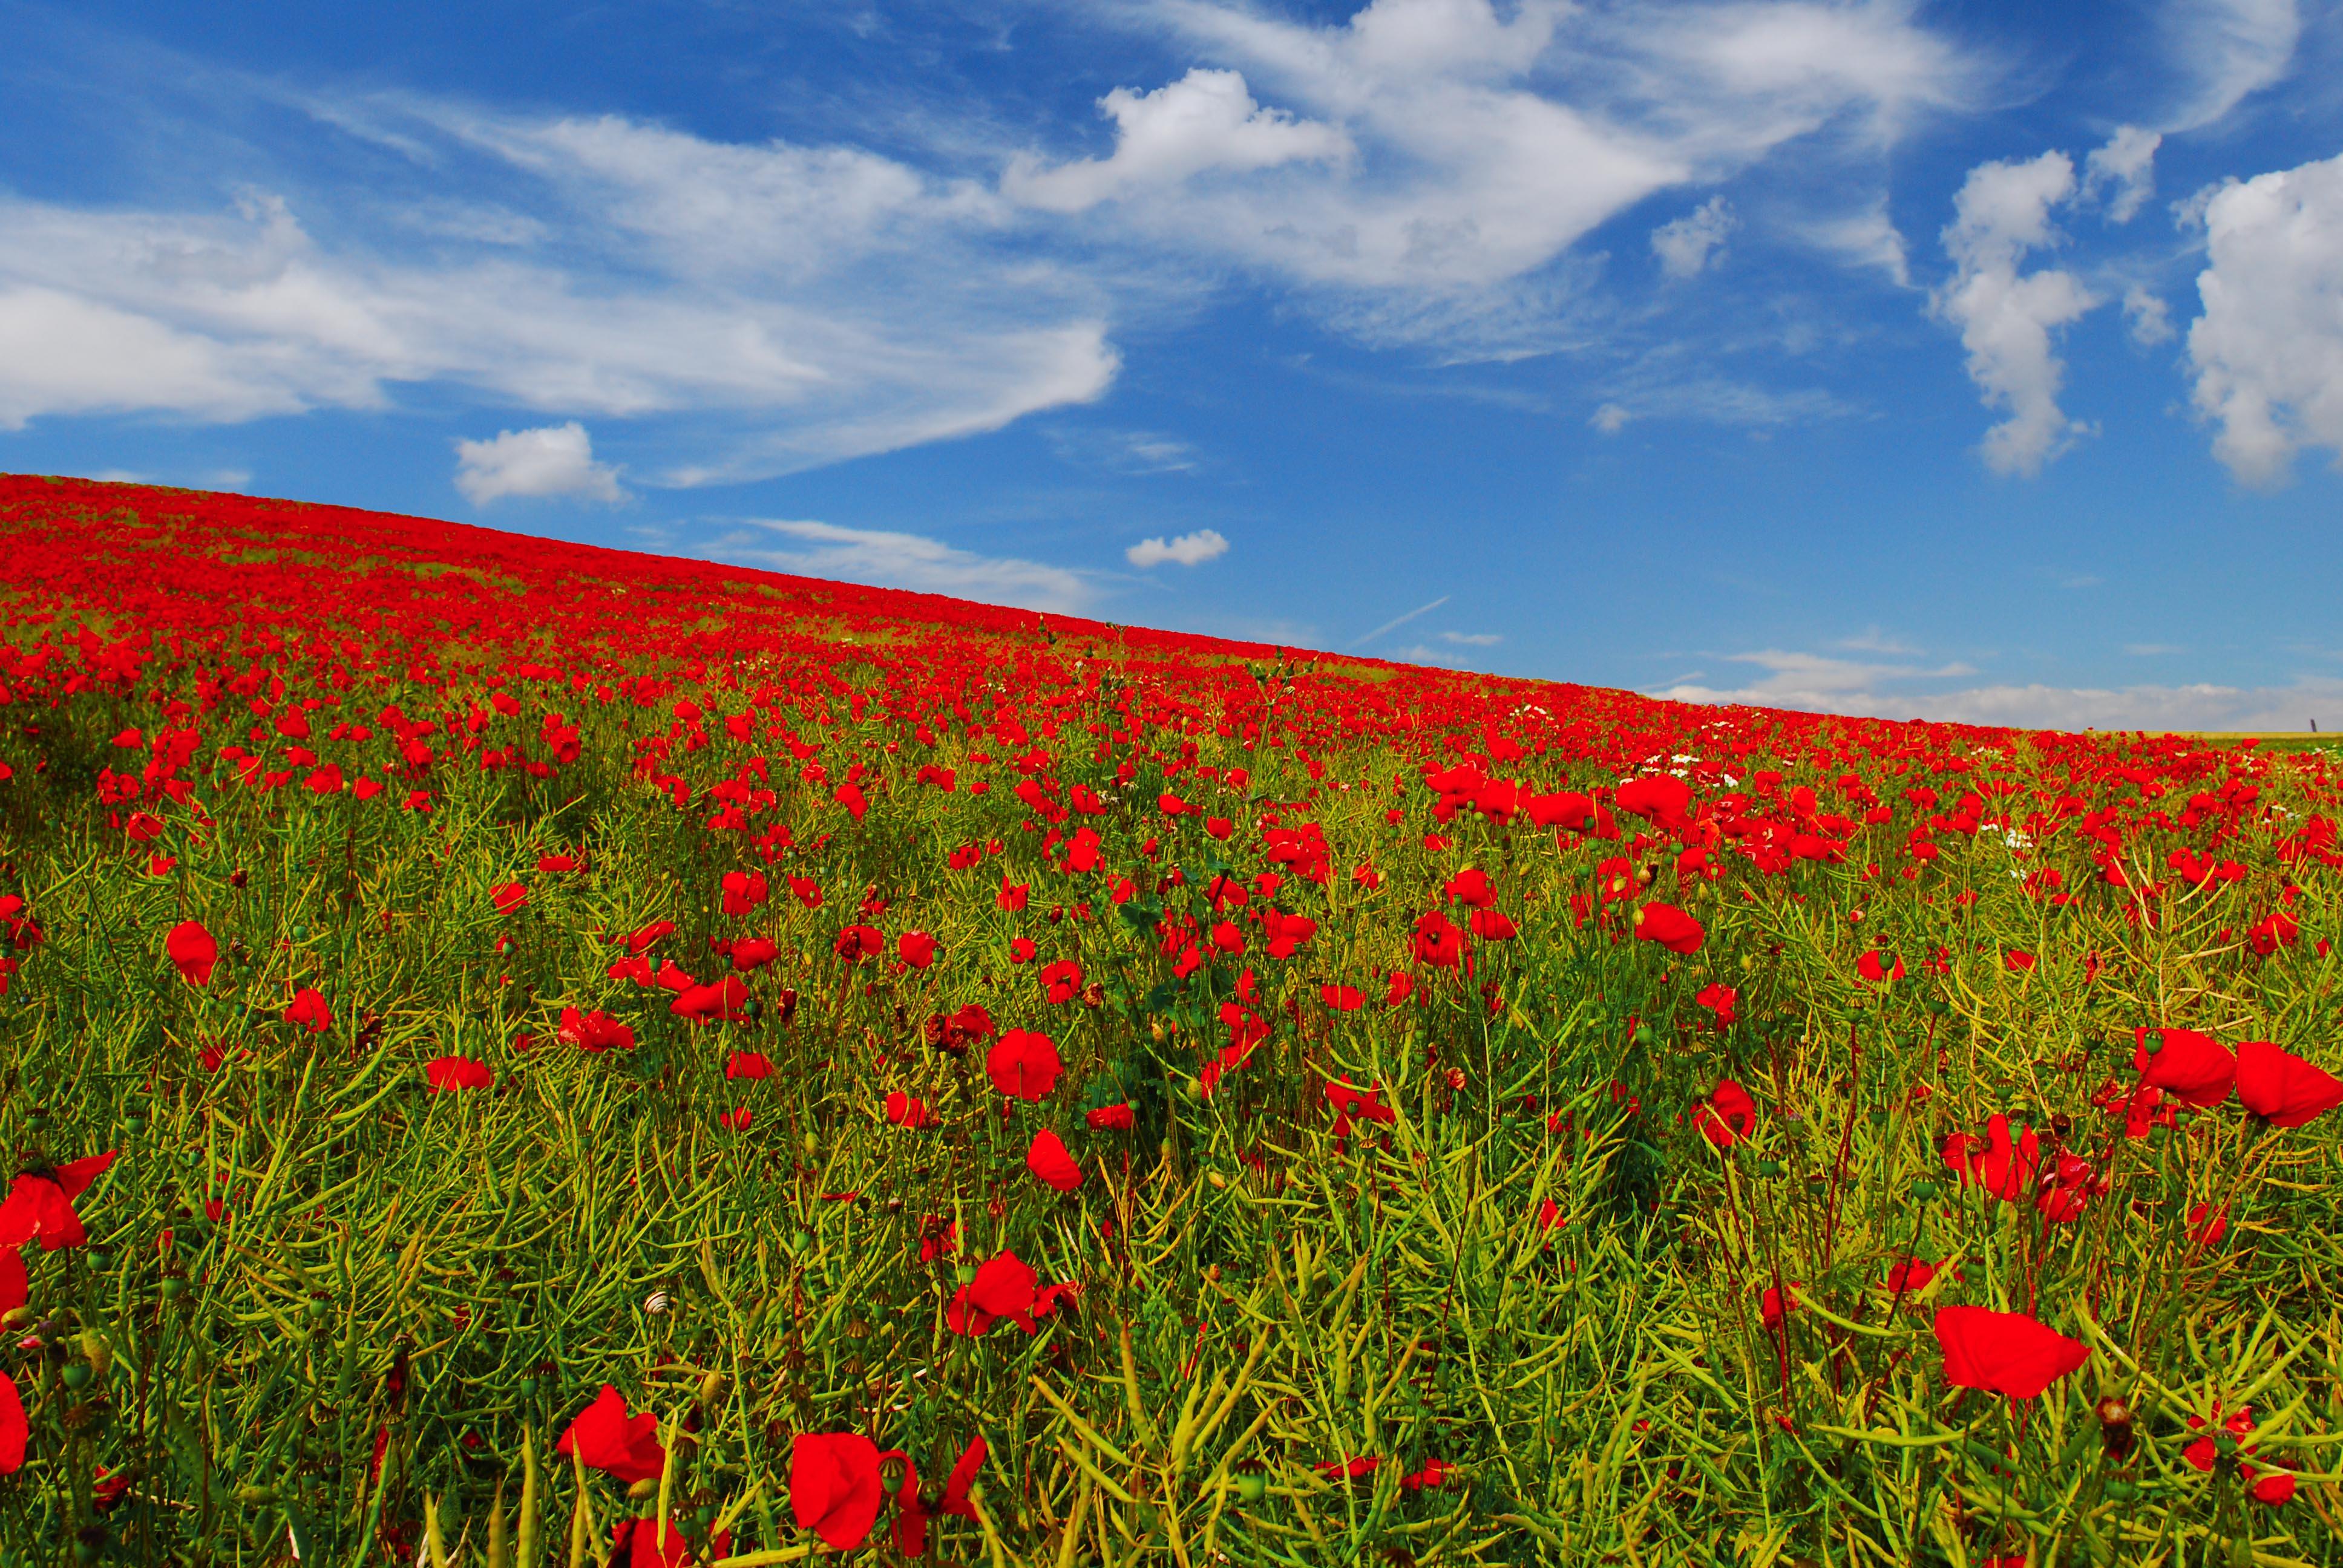 Field of poppies (Le champ de coquelicots) Photo: Vincent Brassine/CC, Flickr